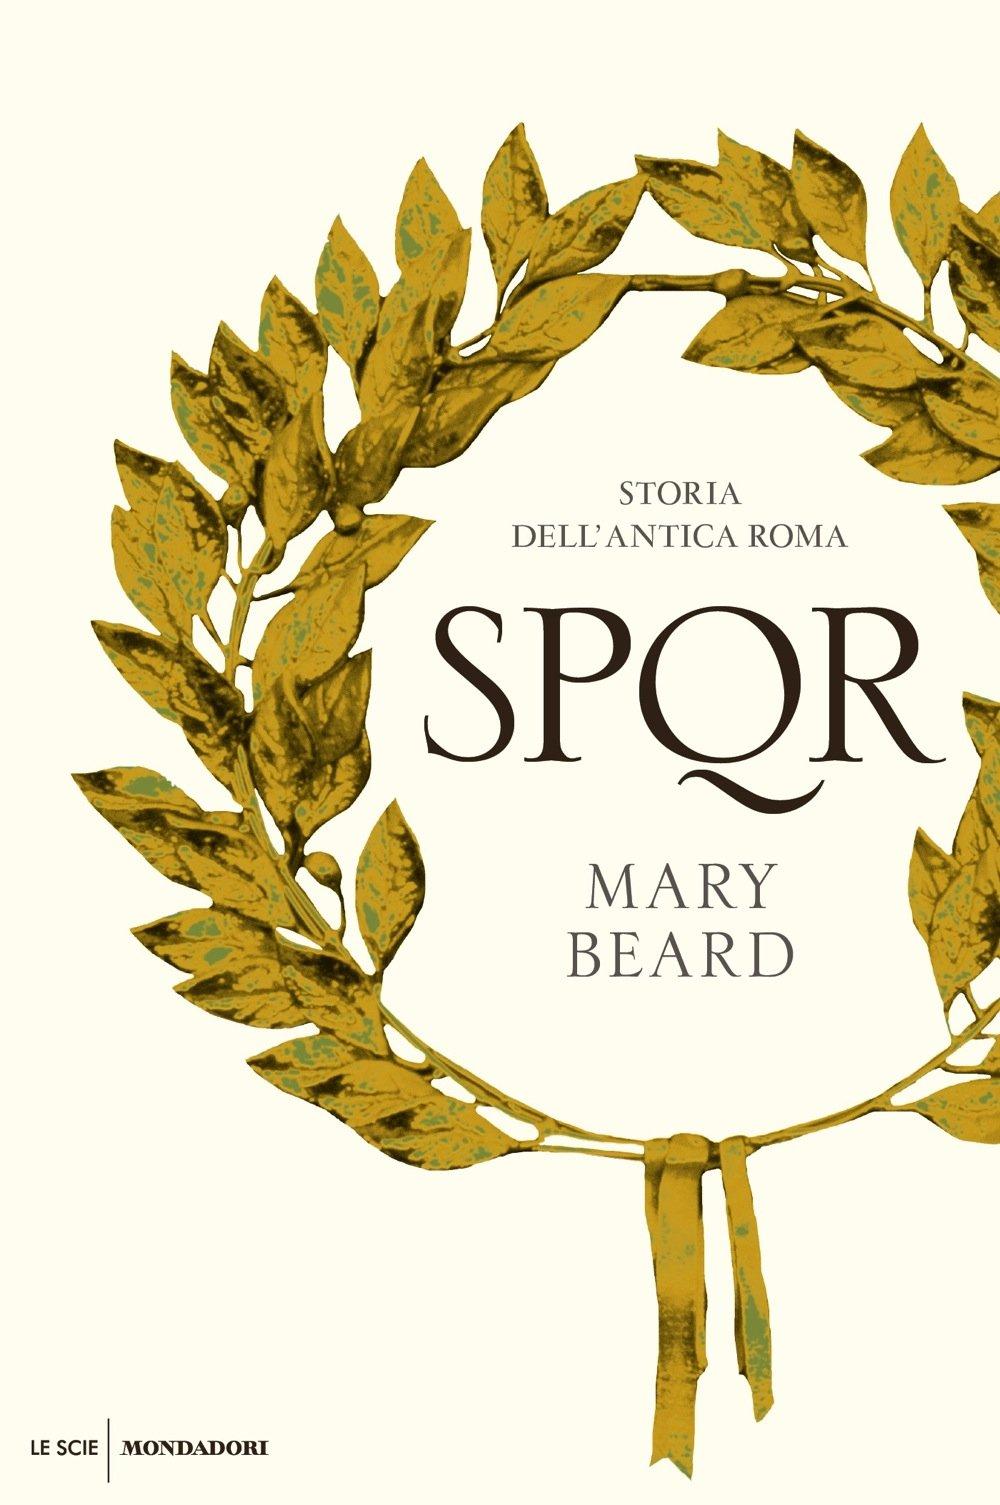 Libreria torriani di canzo spqr storia dell 39 antica roma for 1 5 piani di fattoria di storia